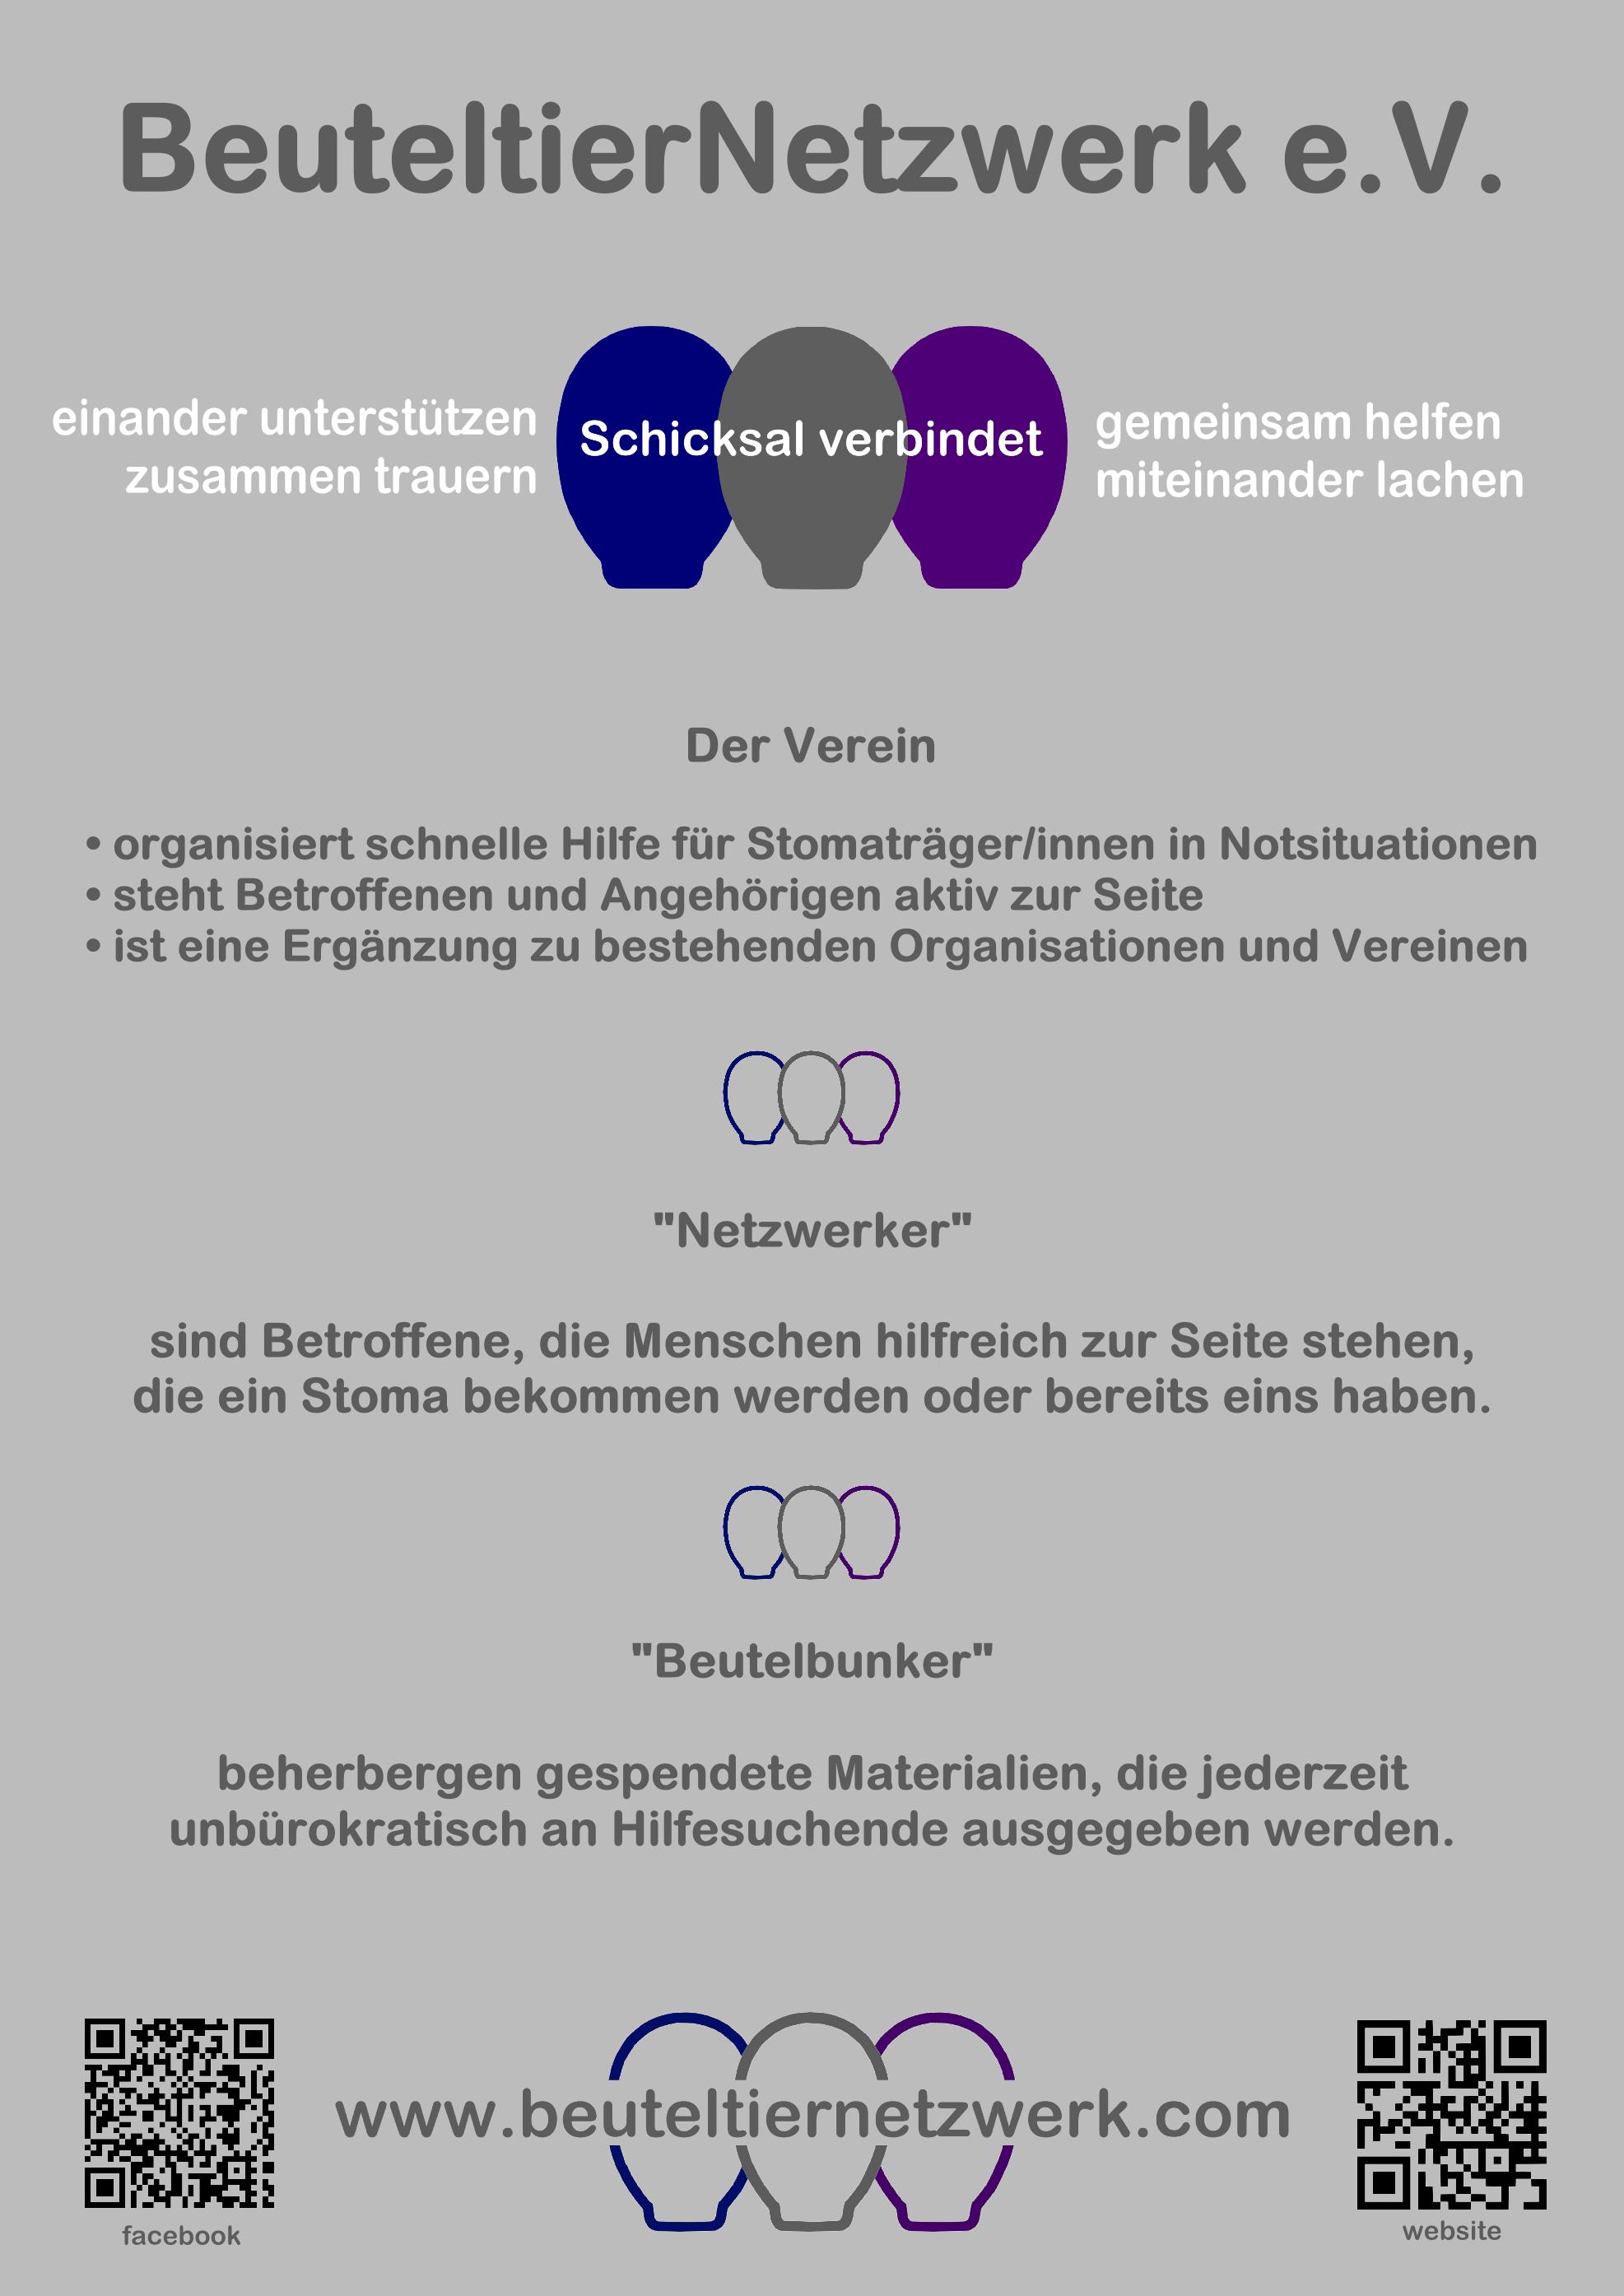 Shop – BeuteltierNetzwerk e V